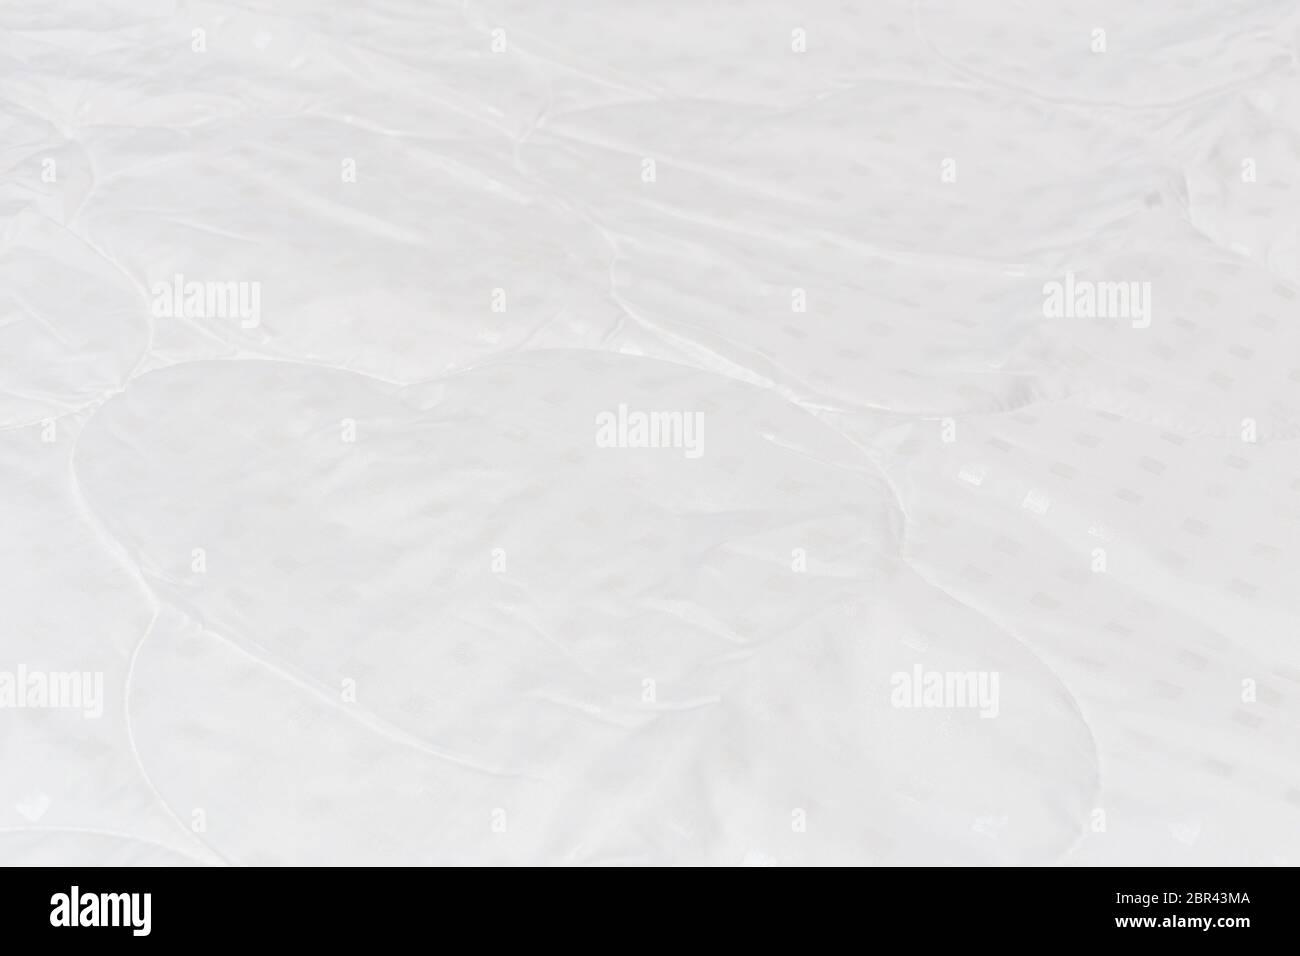 Weiße Stoffdecke Nahaufnahme Hintergrund mit selektivem Fokus und Hintergrund Weichzeichnen Stockfoto